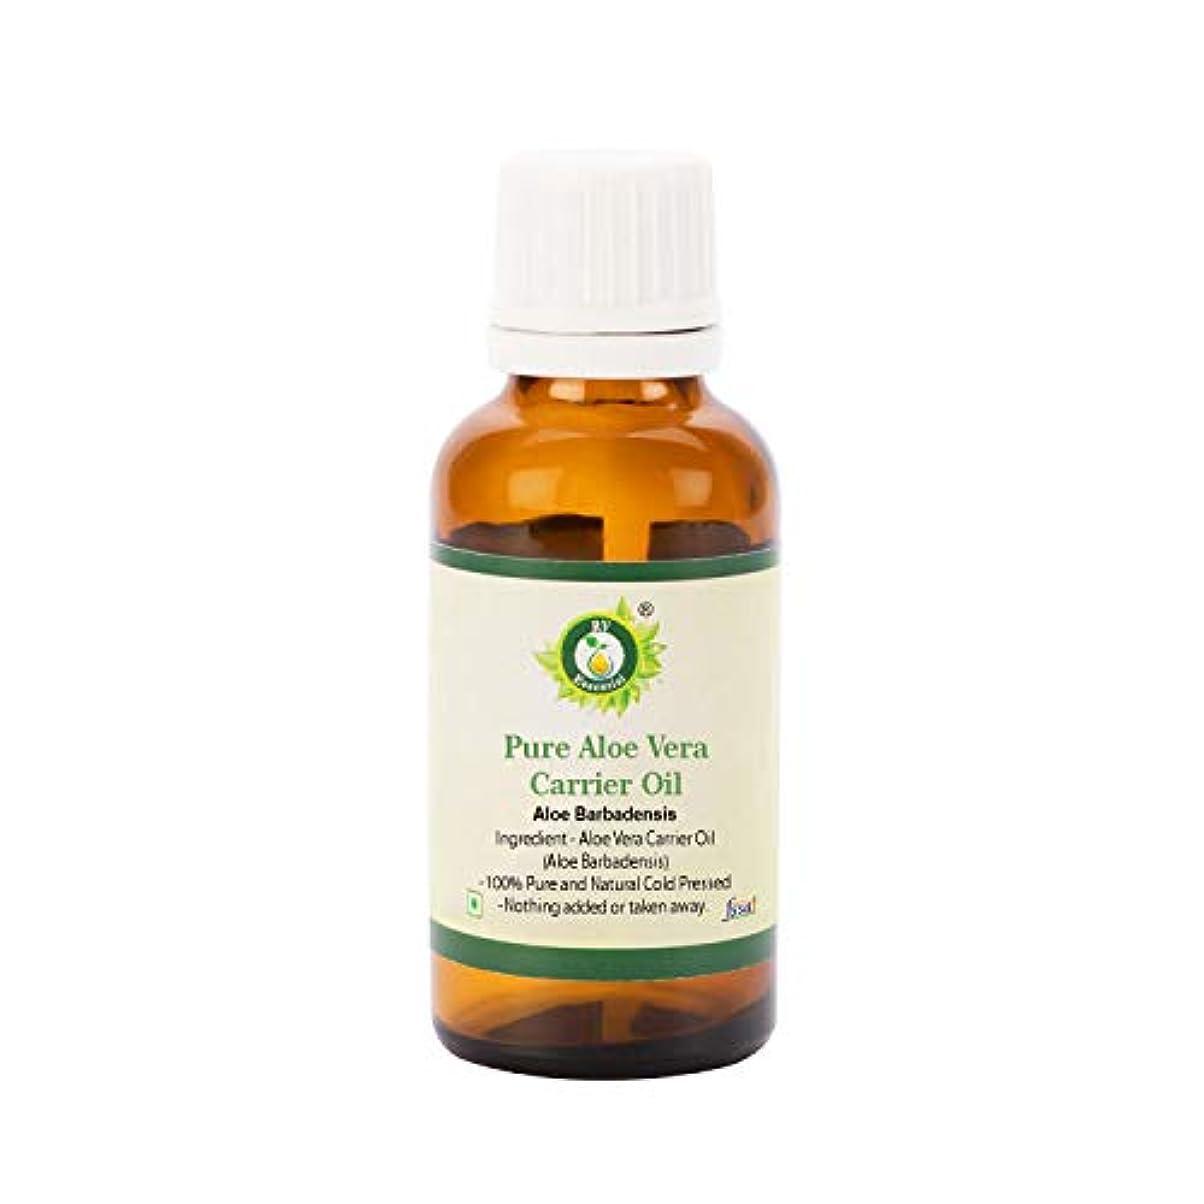 飲食店虹増強R V Essential 純粋なアロエベラキャリアオイル30ml (1.01oz)- Aloe Barbadensis (100%ピュア&ナチュラルコールドPressed) Pure Aloe Vera Carrier Oil